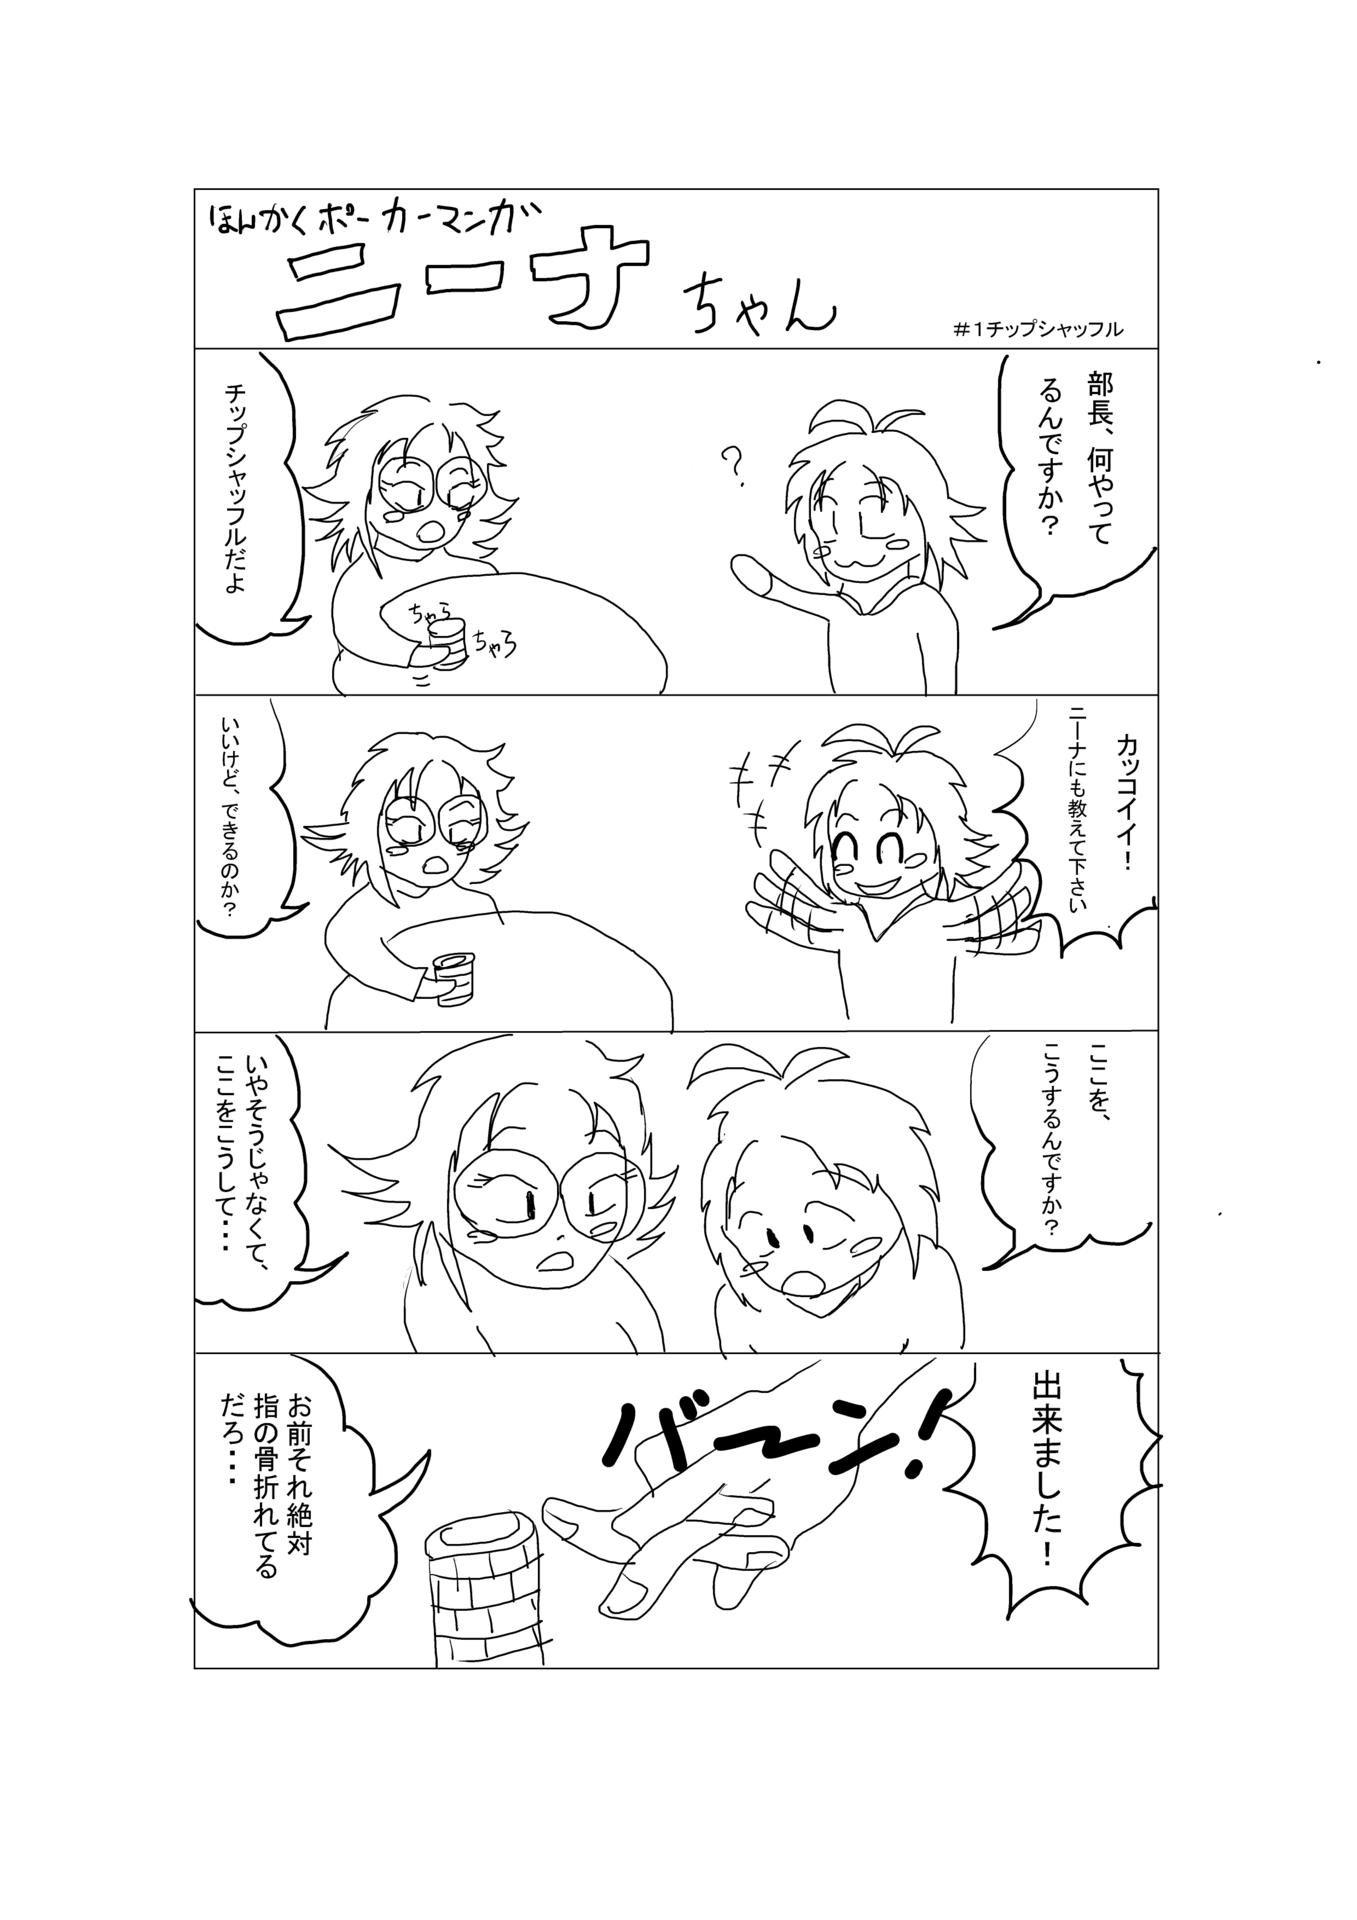 ニーナちゃん1.png